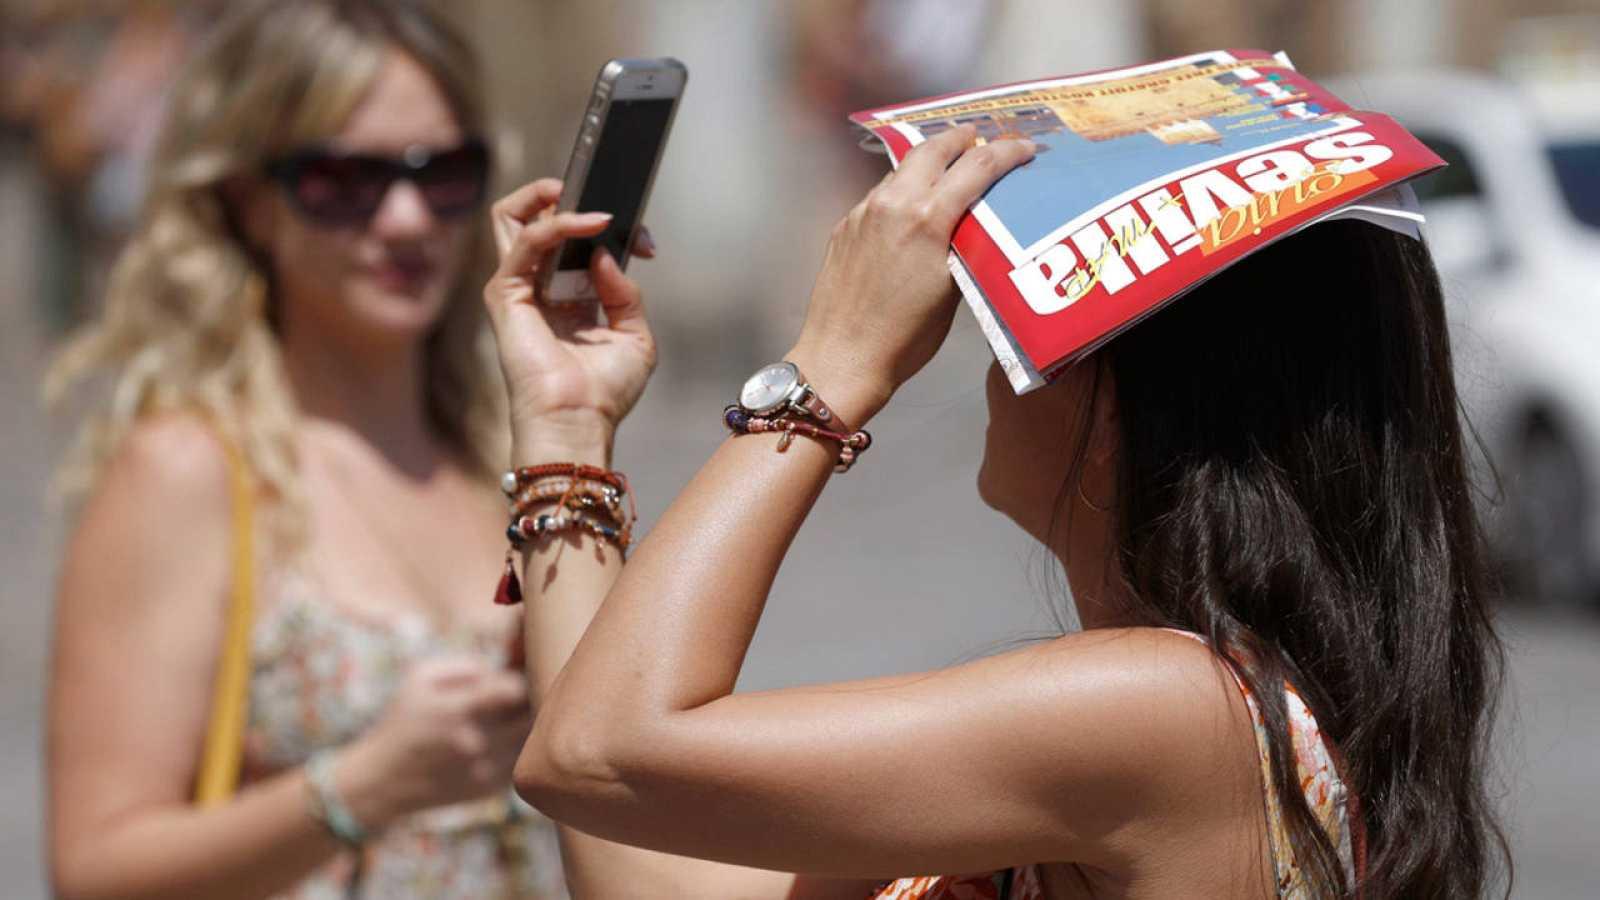 Una turista se fotografía con su teléfono móvil mientras se proteje del sol con una guía turística de Sevilla